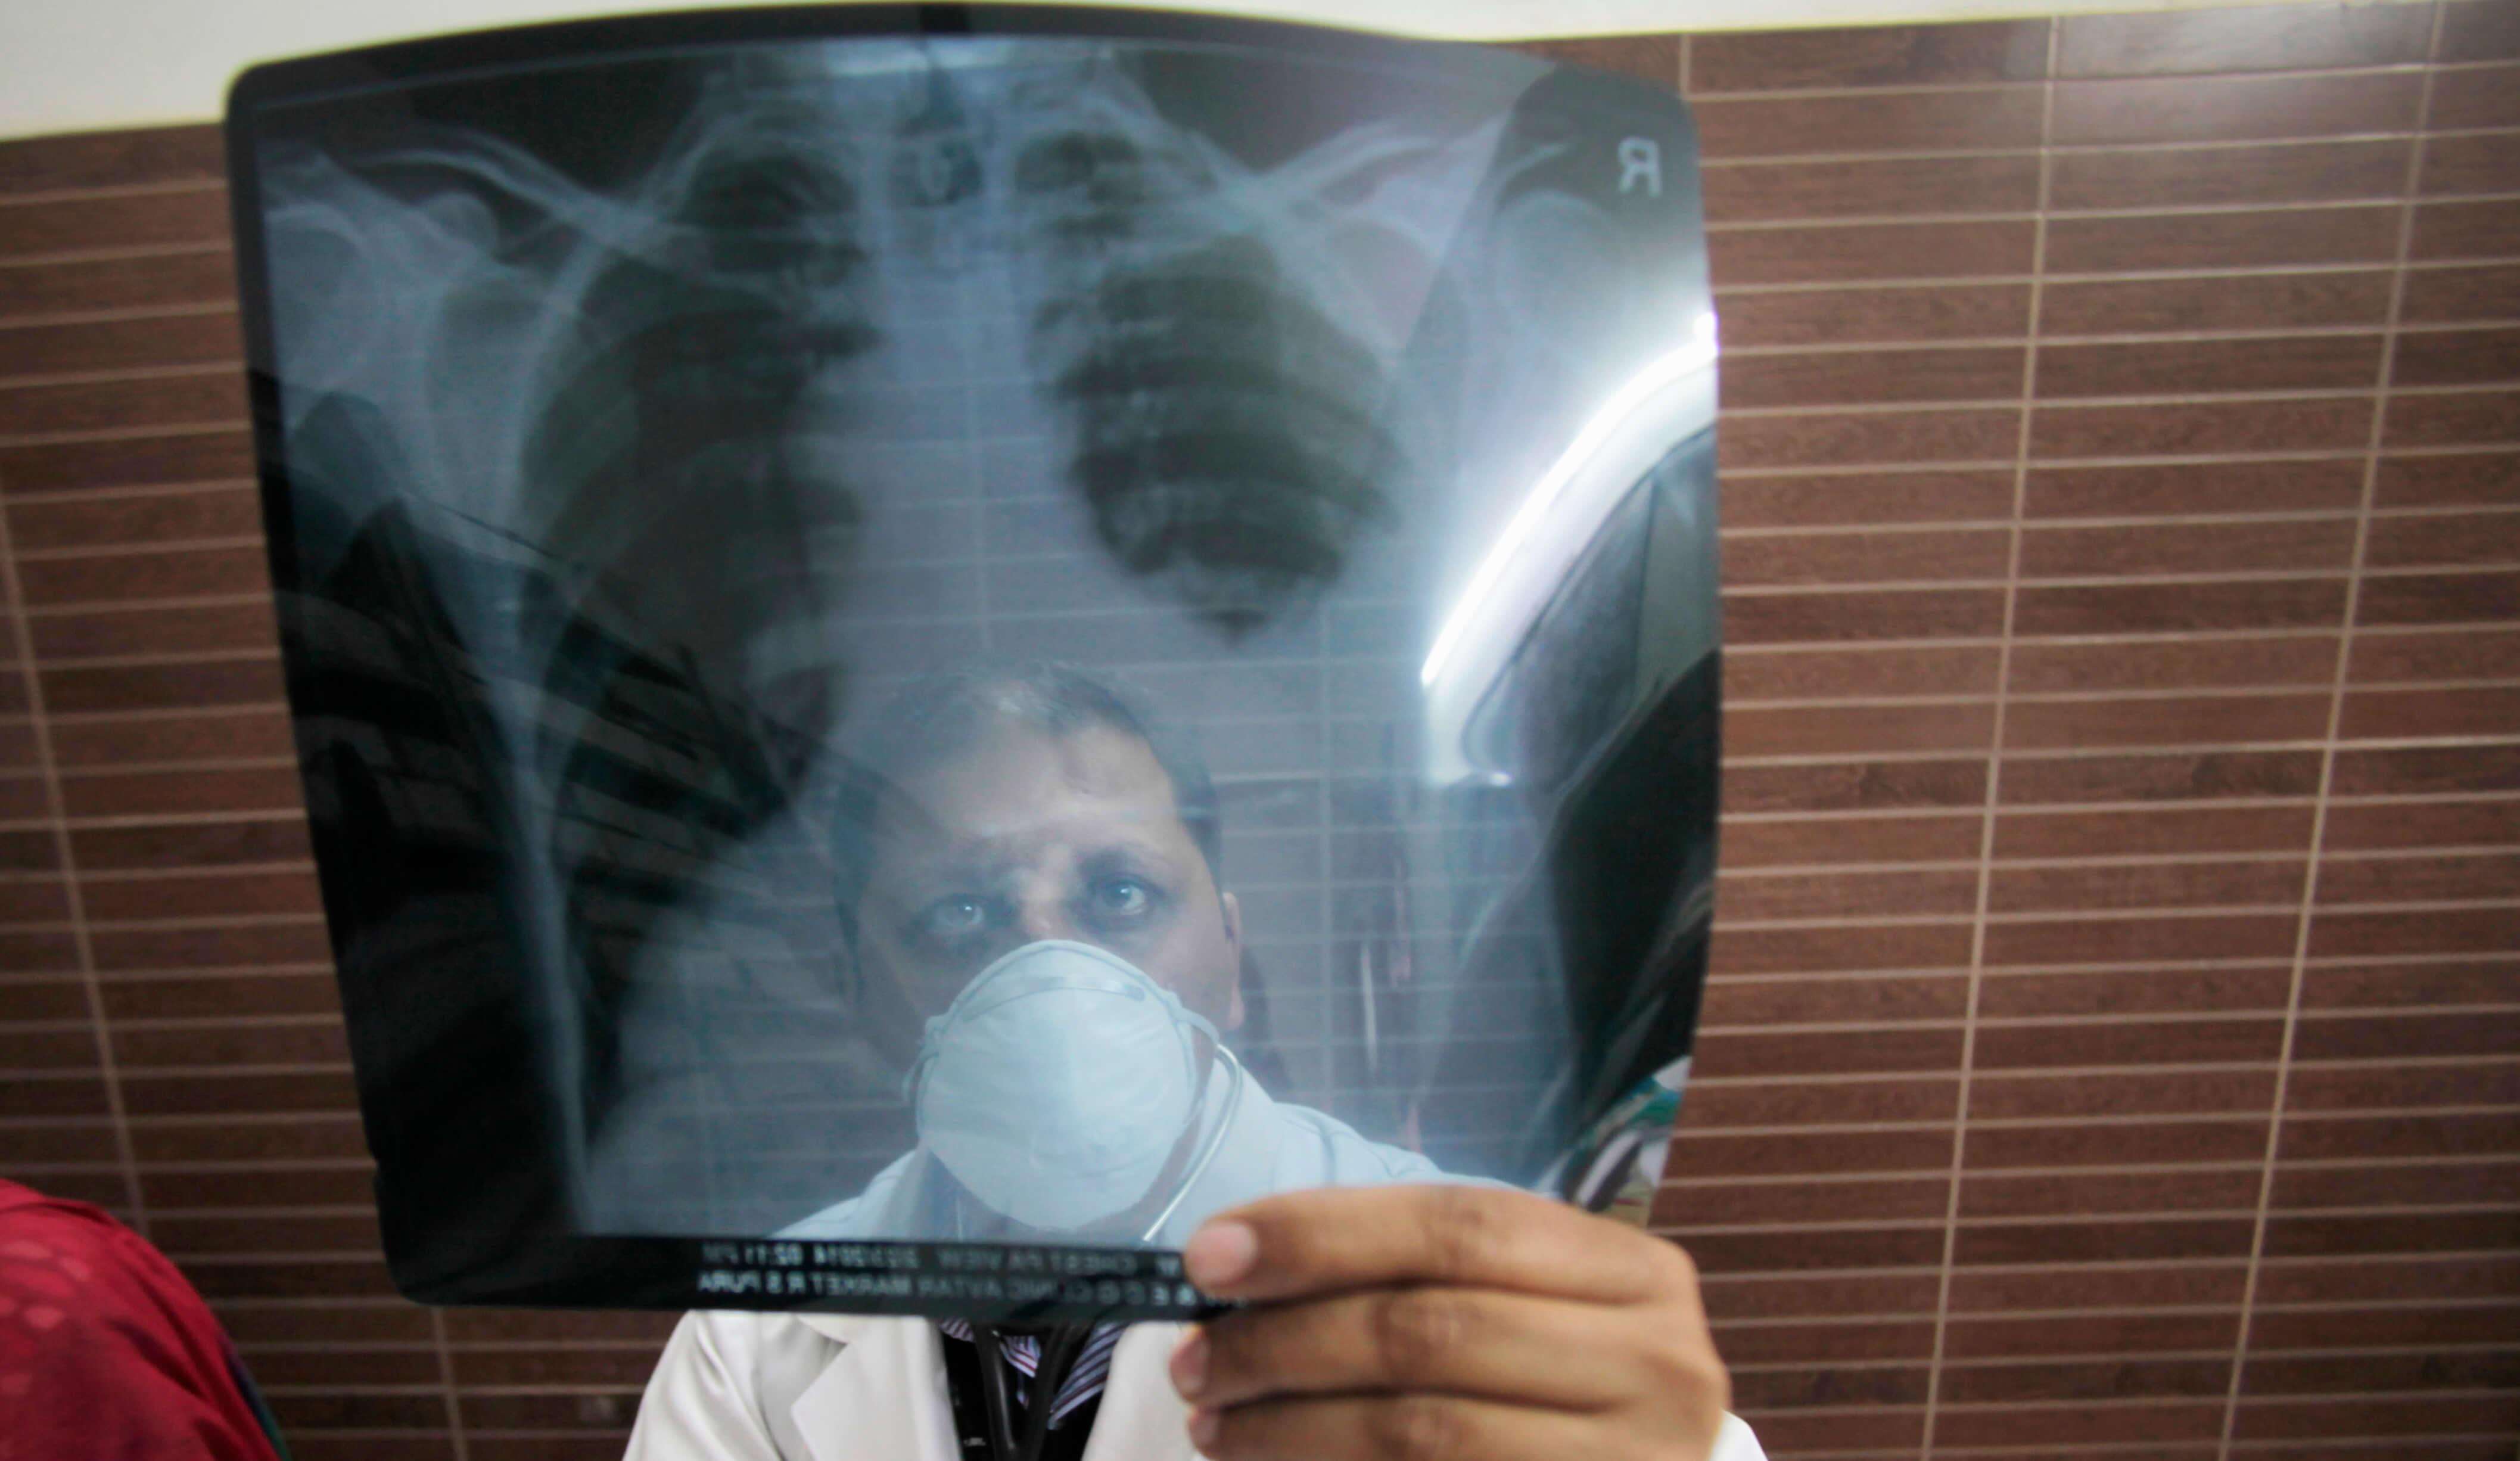 Diagnostika für Tuberkulose noch immer zu teuer - Bild 1